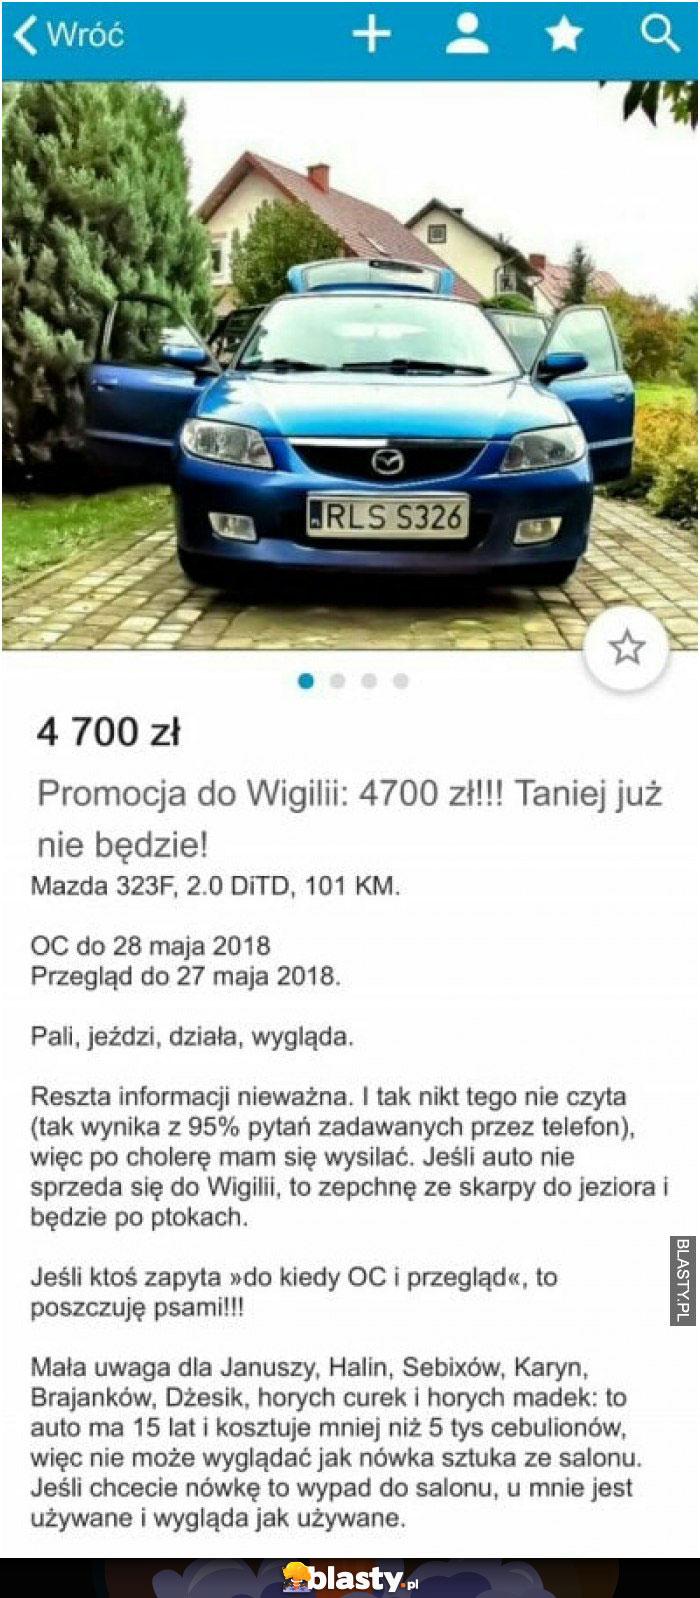 Sprzedaż samochodu olx